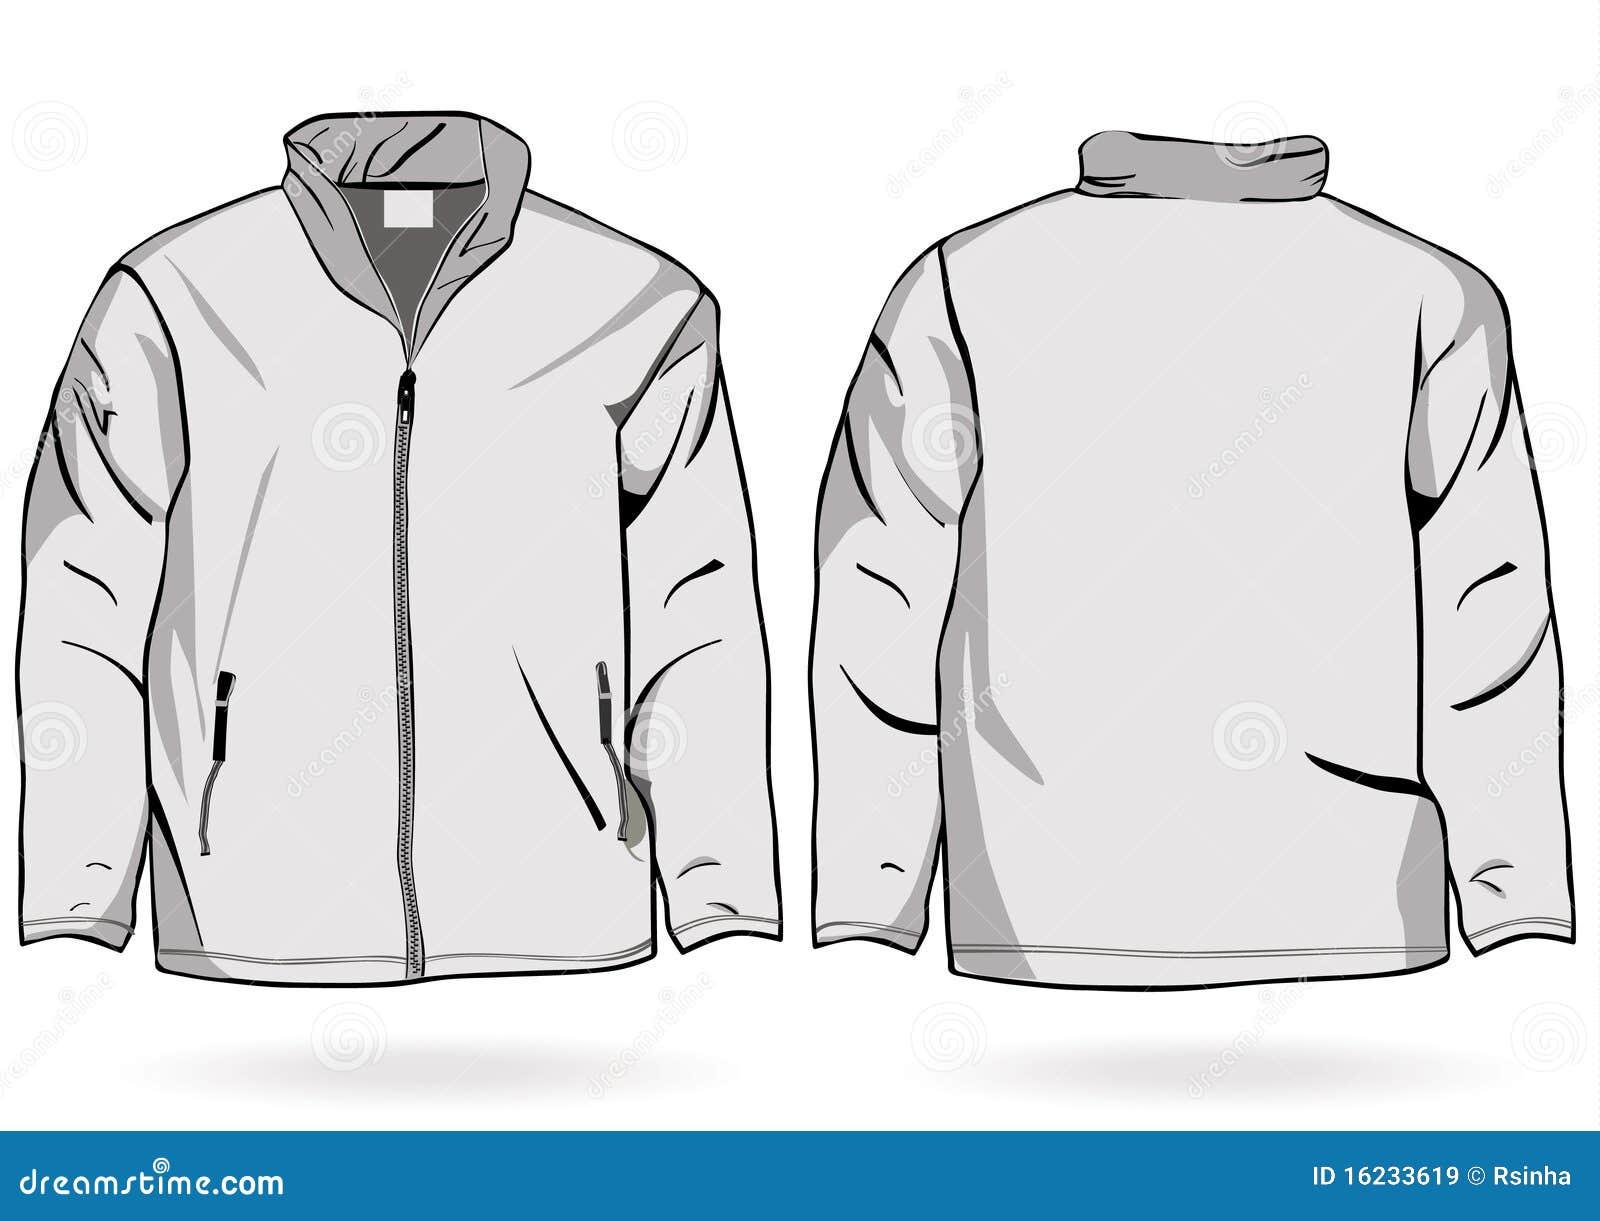 Men's Jacket Or Sweatshirt Template With Zipper Royalty